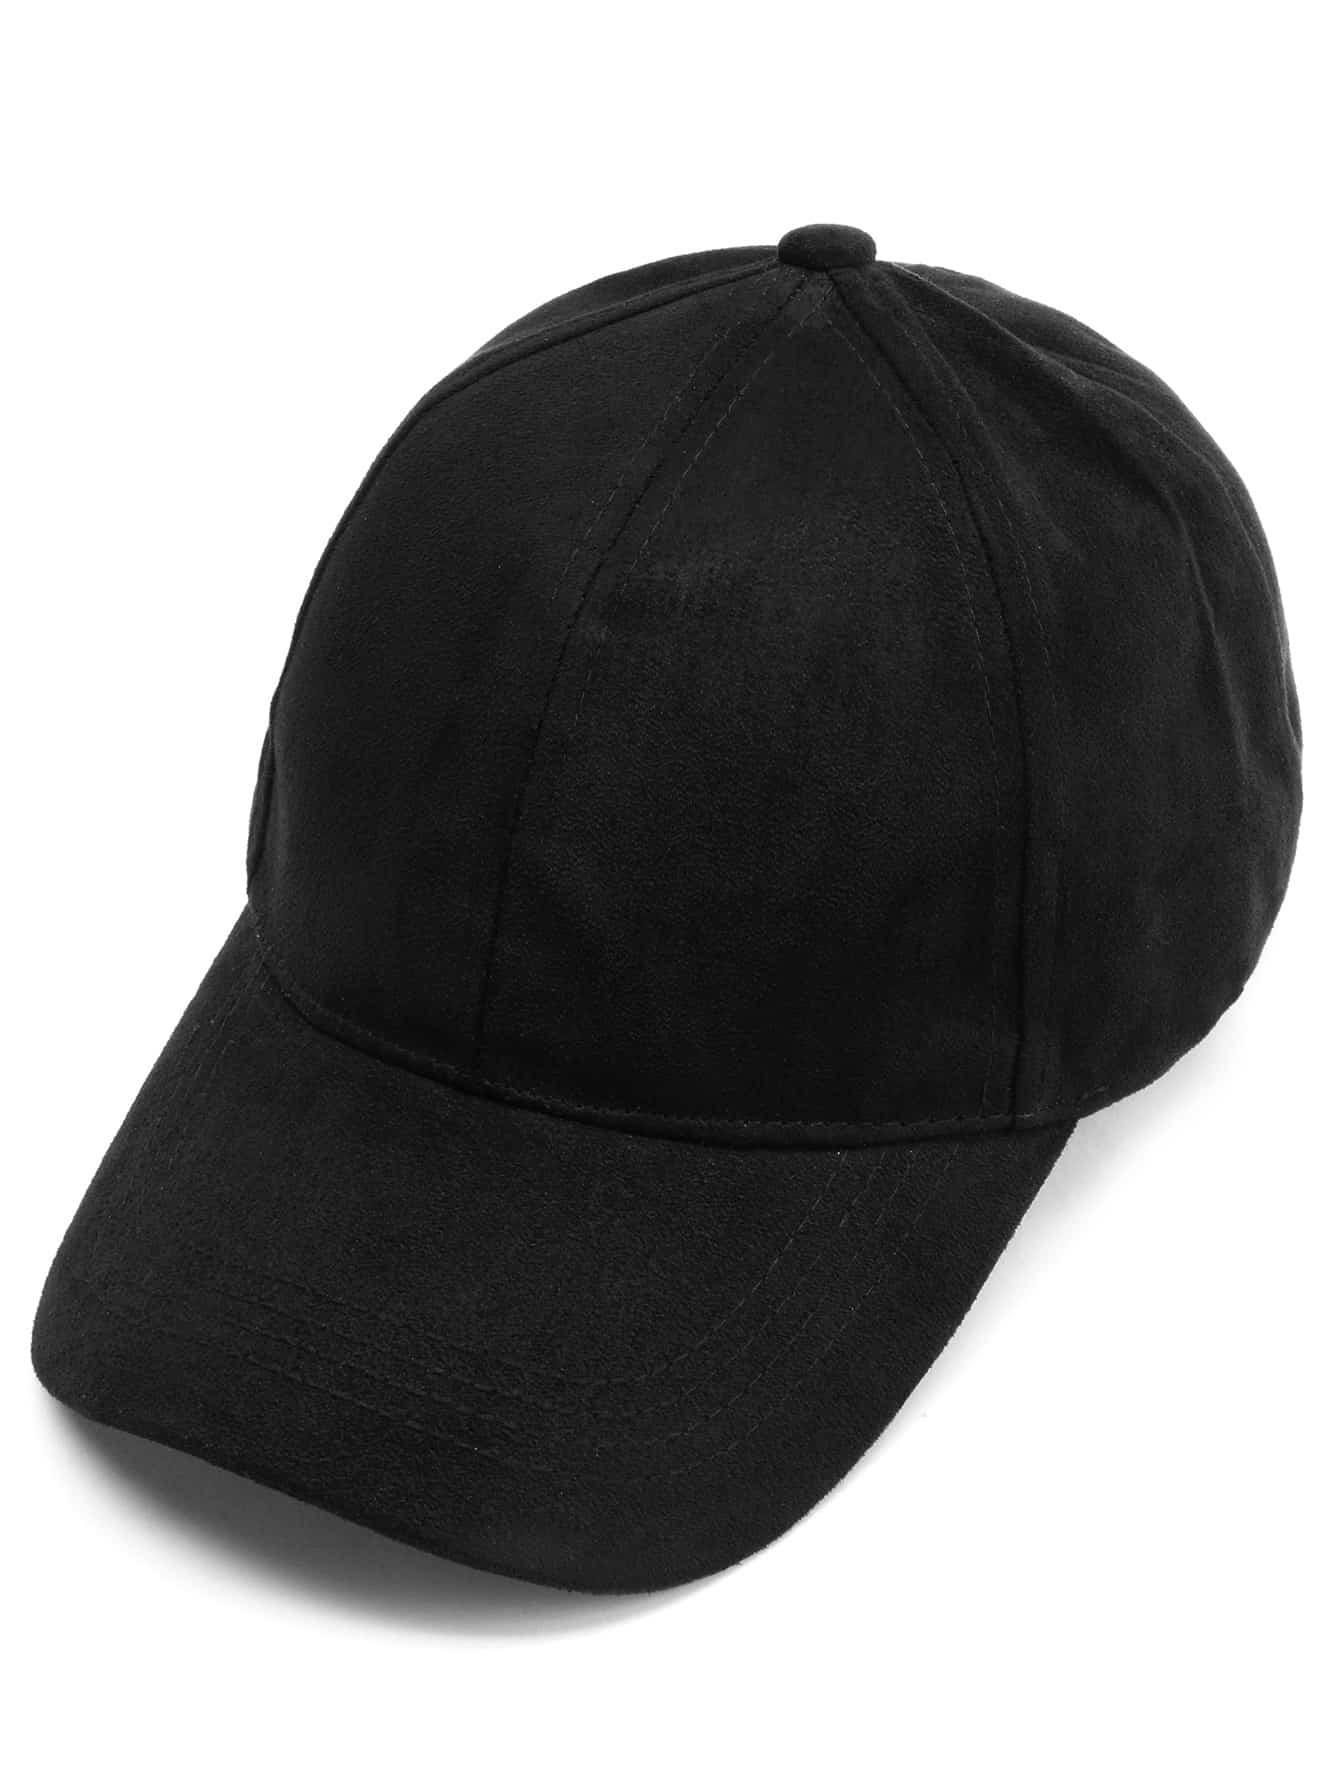 hat160912301_2